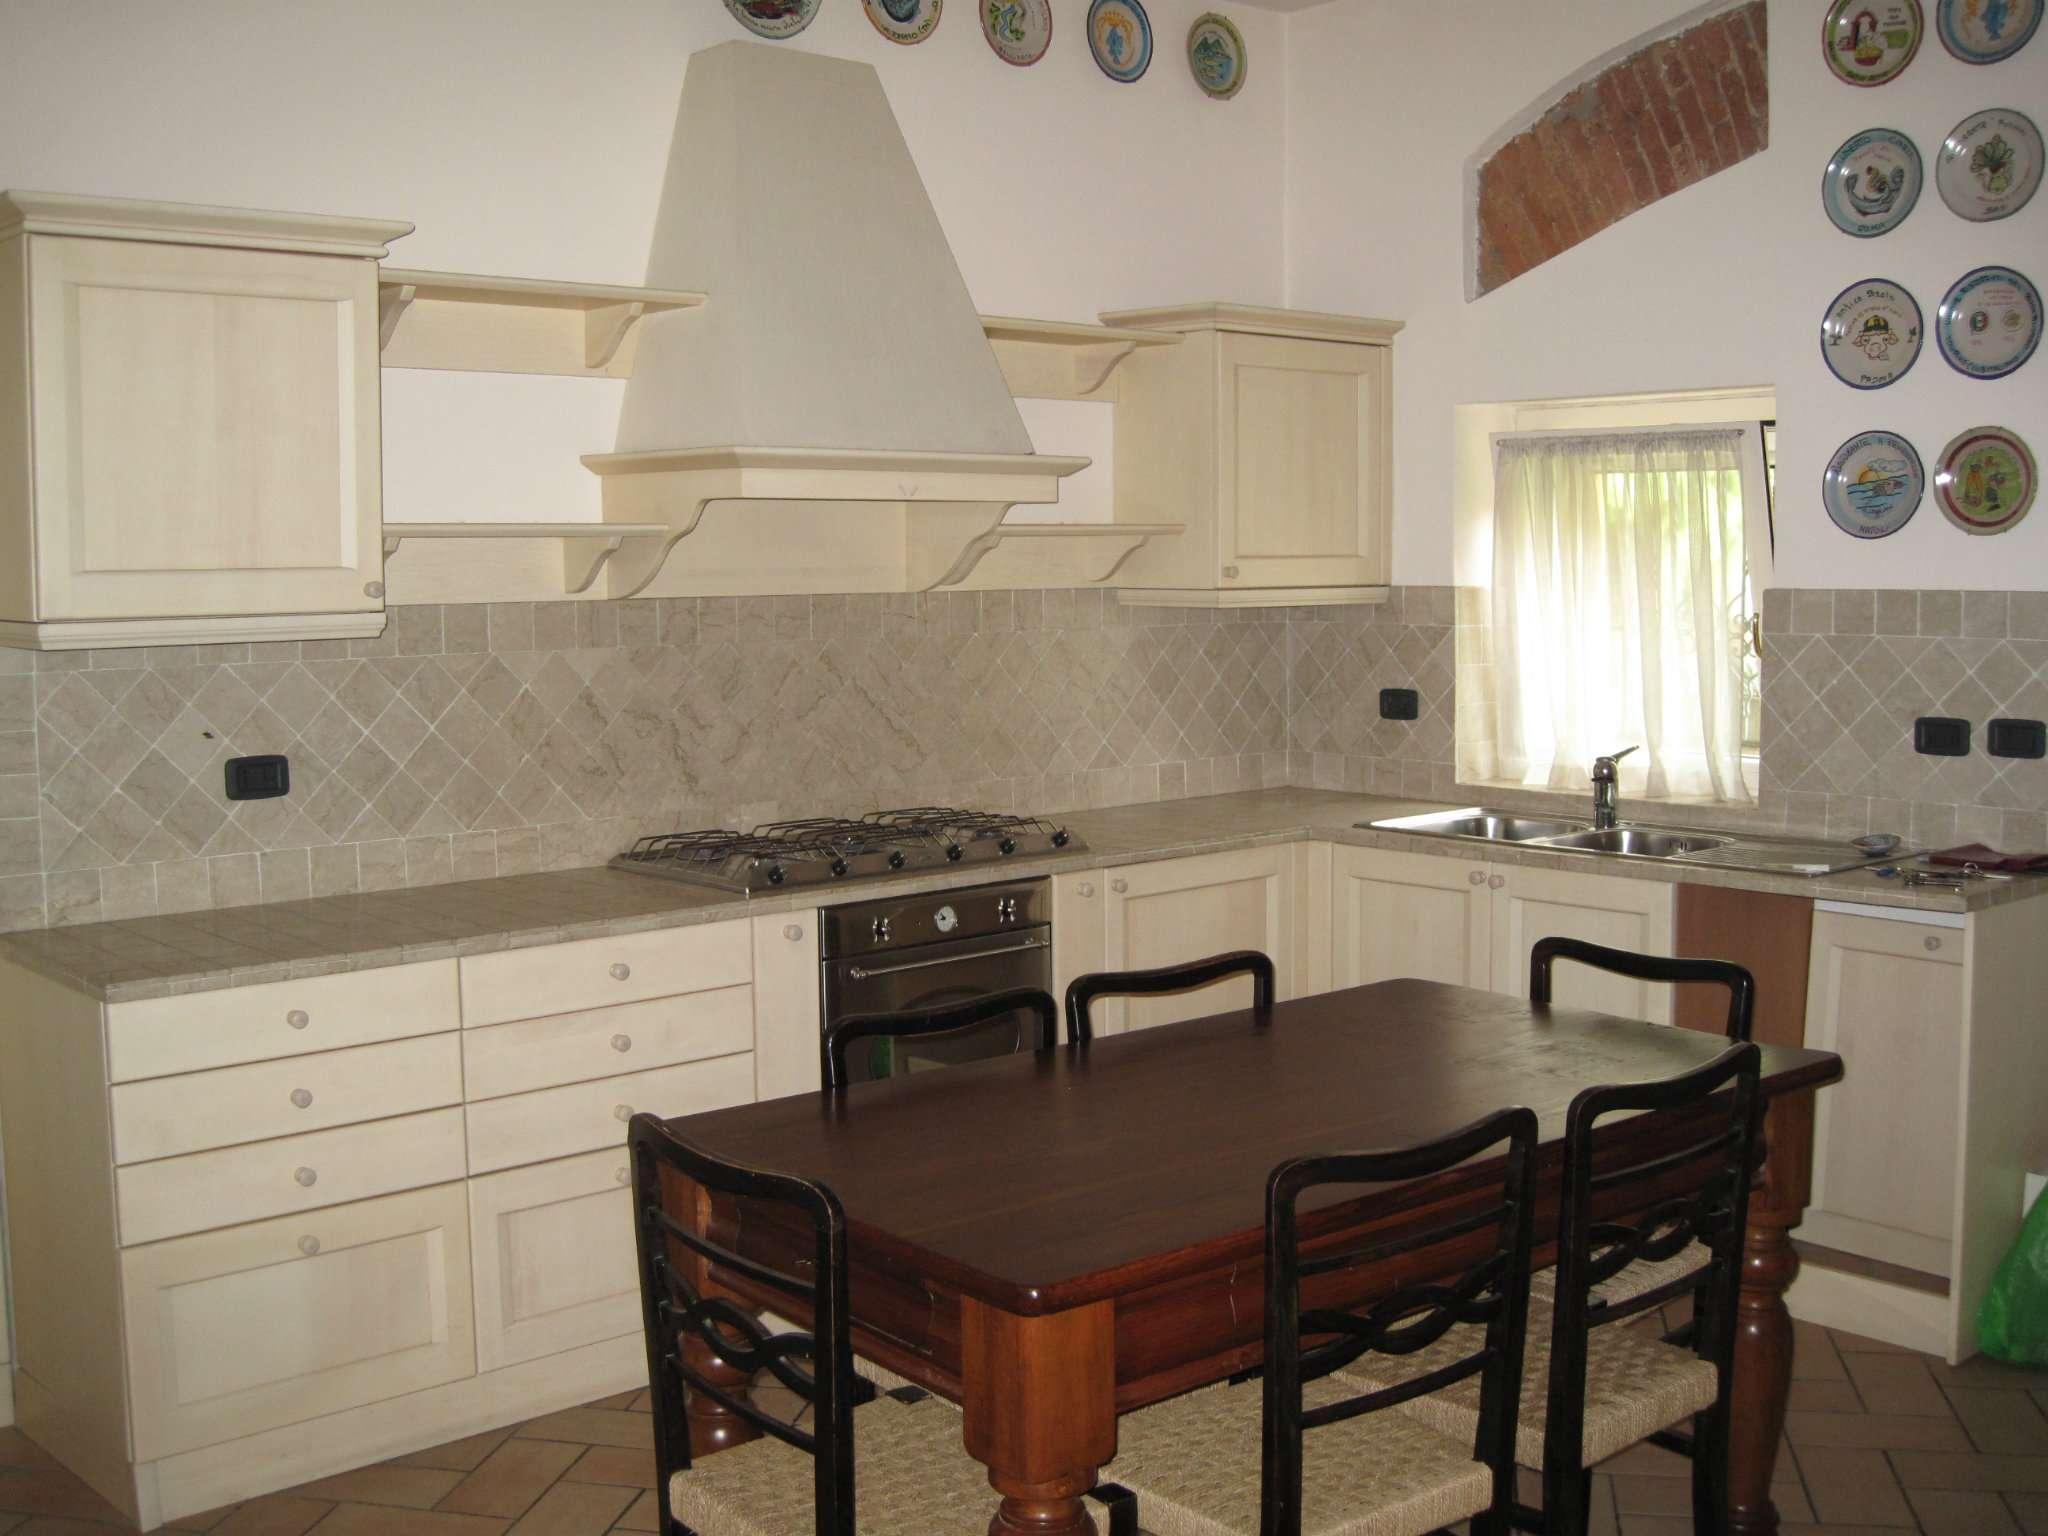 Appartamento in affitto a Arzago d'Adda, 5 locali, prezzo € 900 | CambioCasa.it